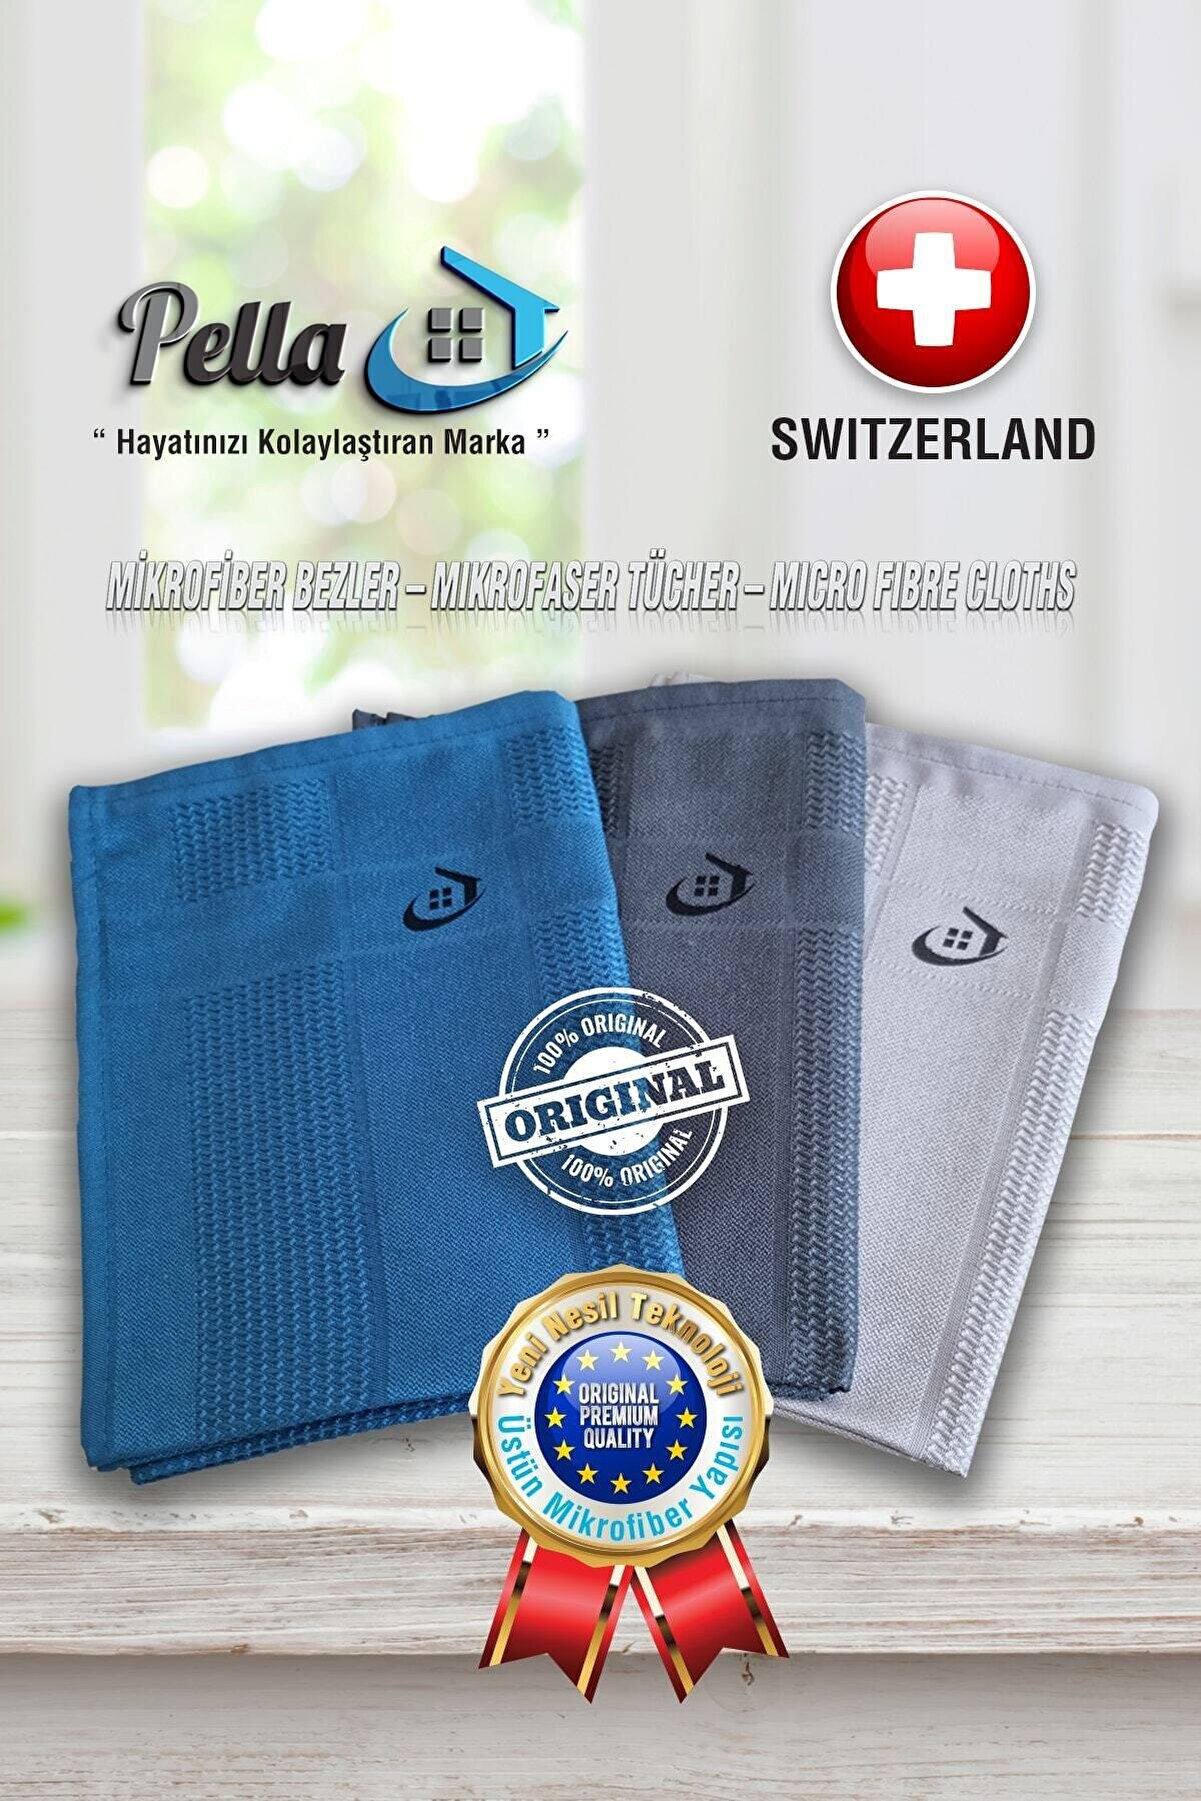 Pella Fabrika Satış Mağazası-Orijinal 3'lü Mikrofiber Temizlik Bezi-İthal Ürün-Atiye & Selçuk Türkal